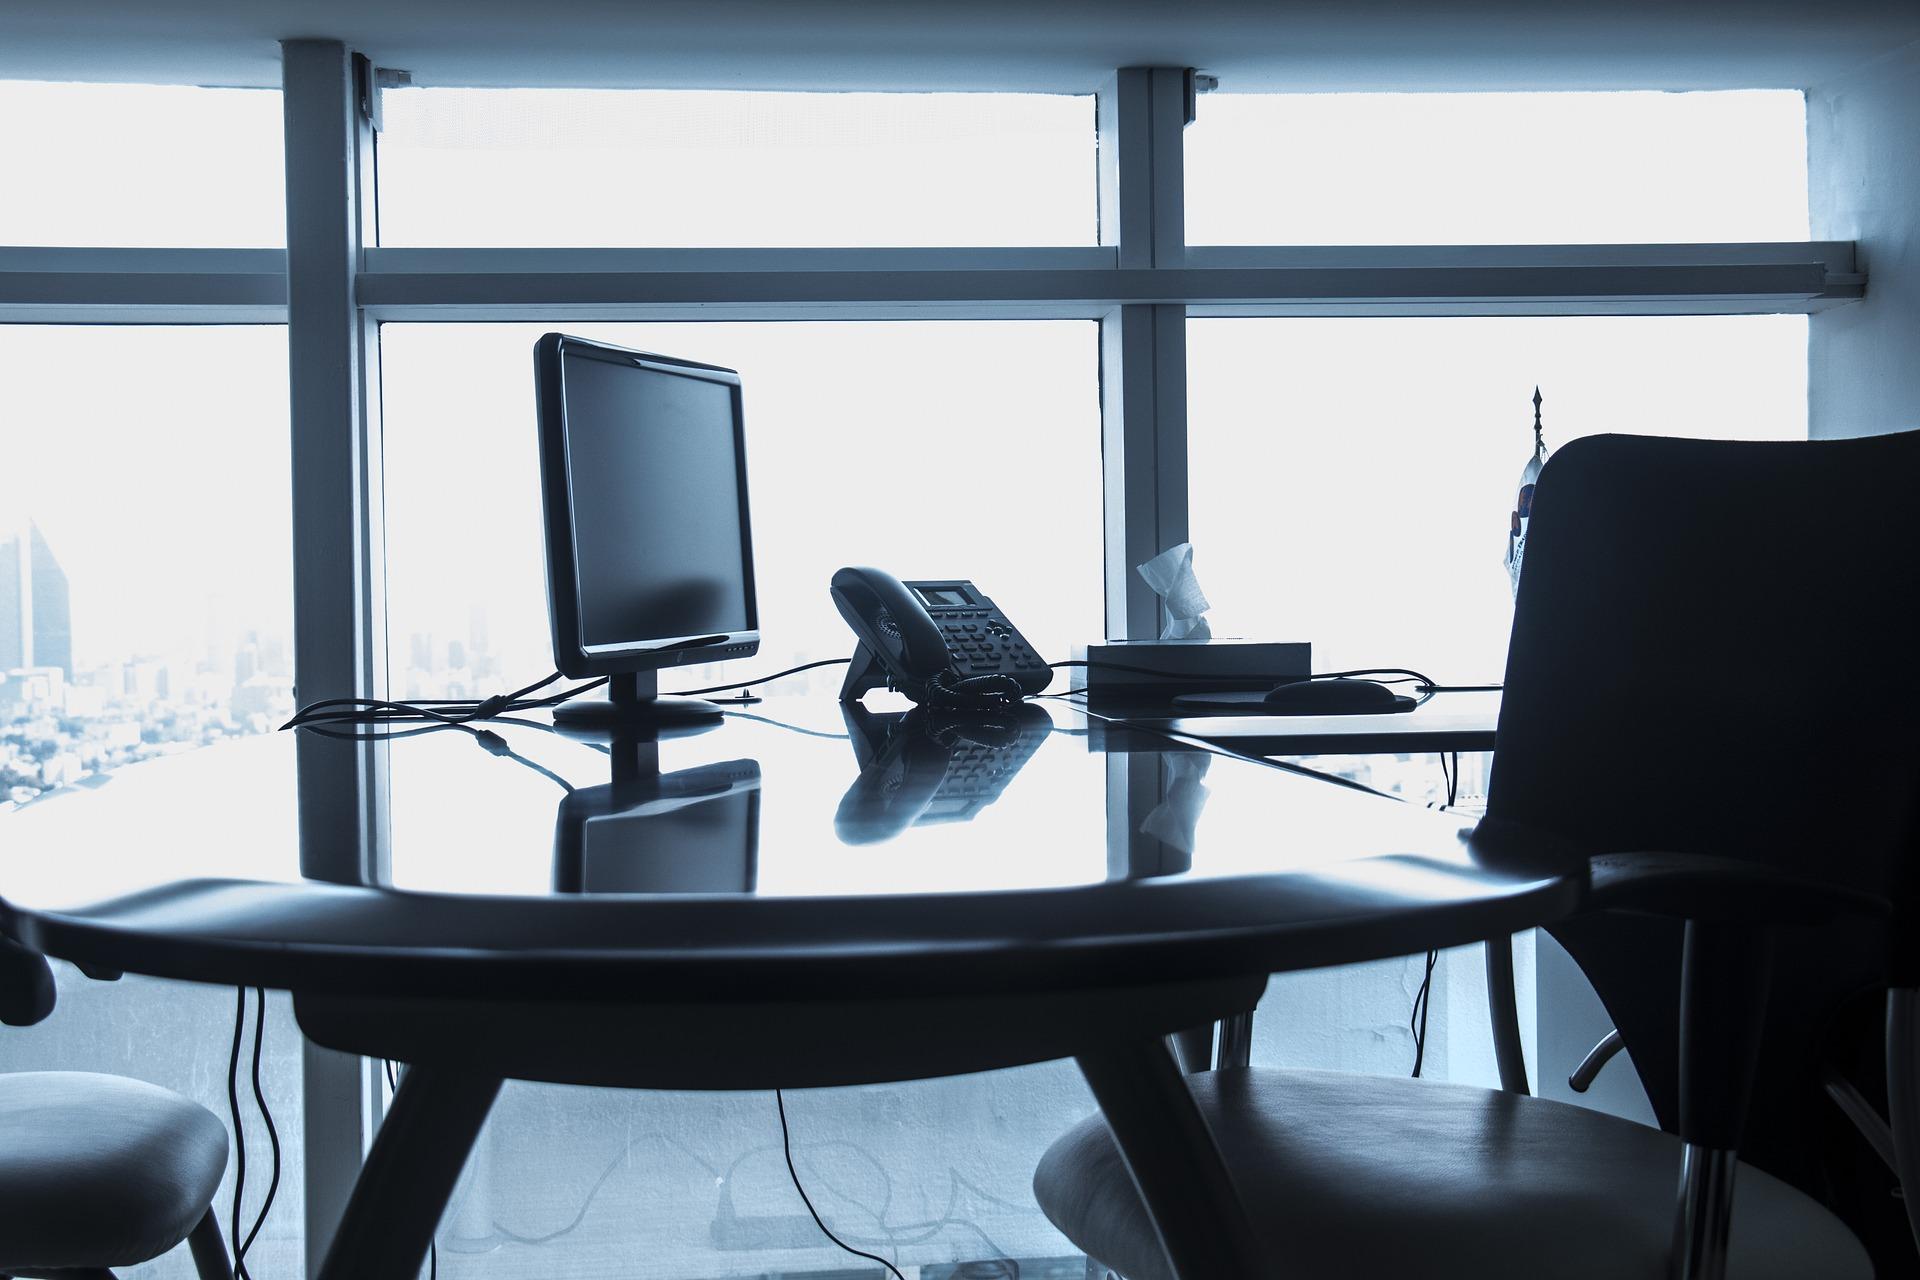 office-2009693_1920.jpg